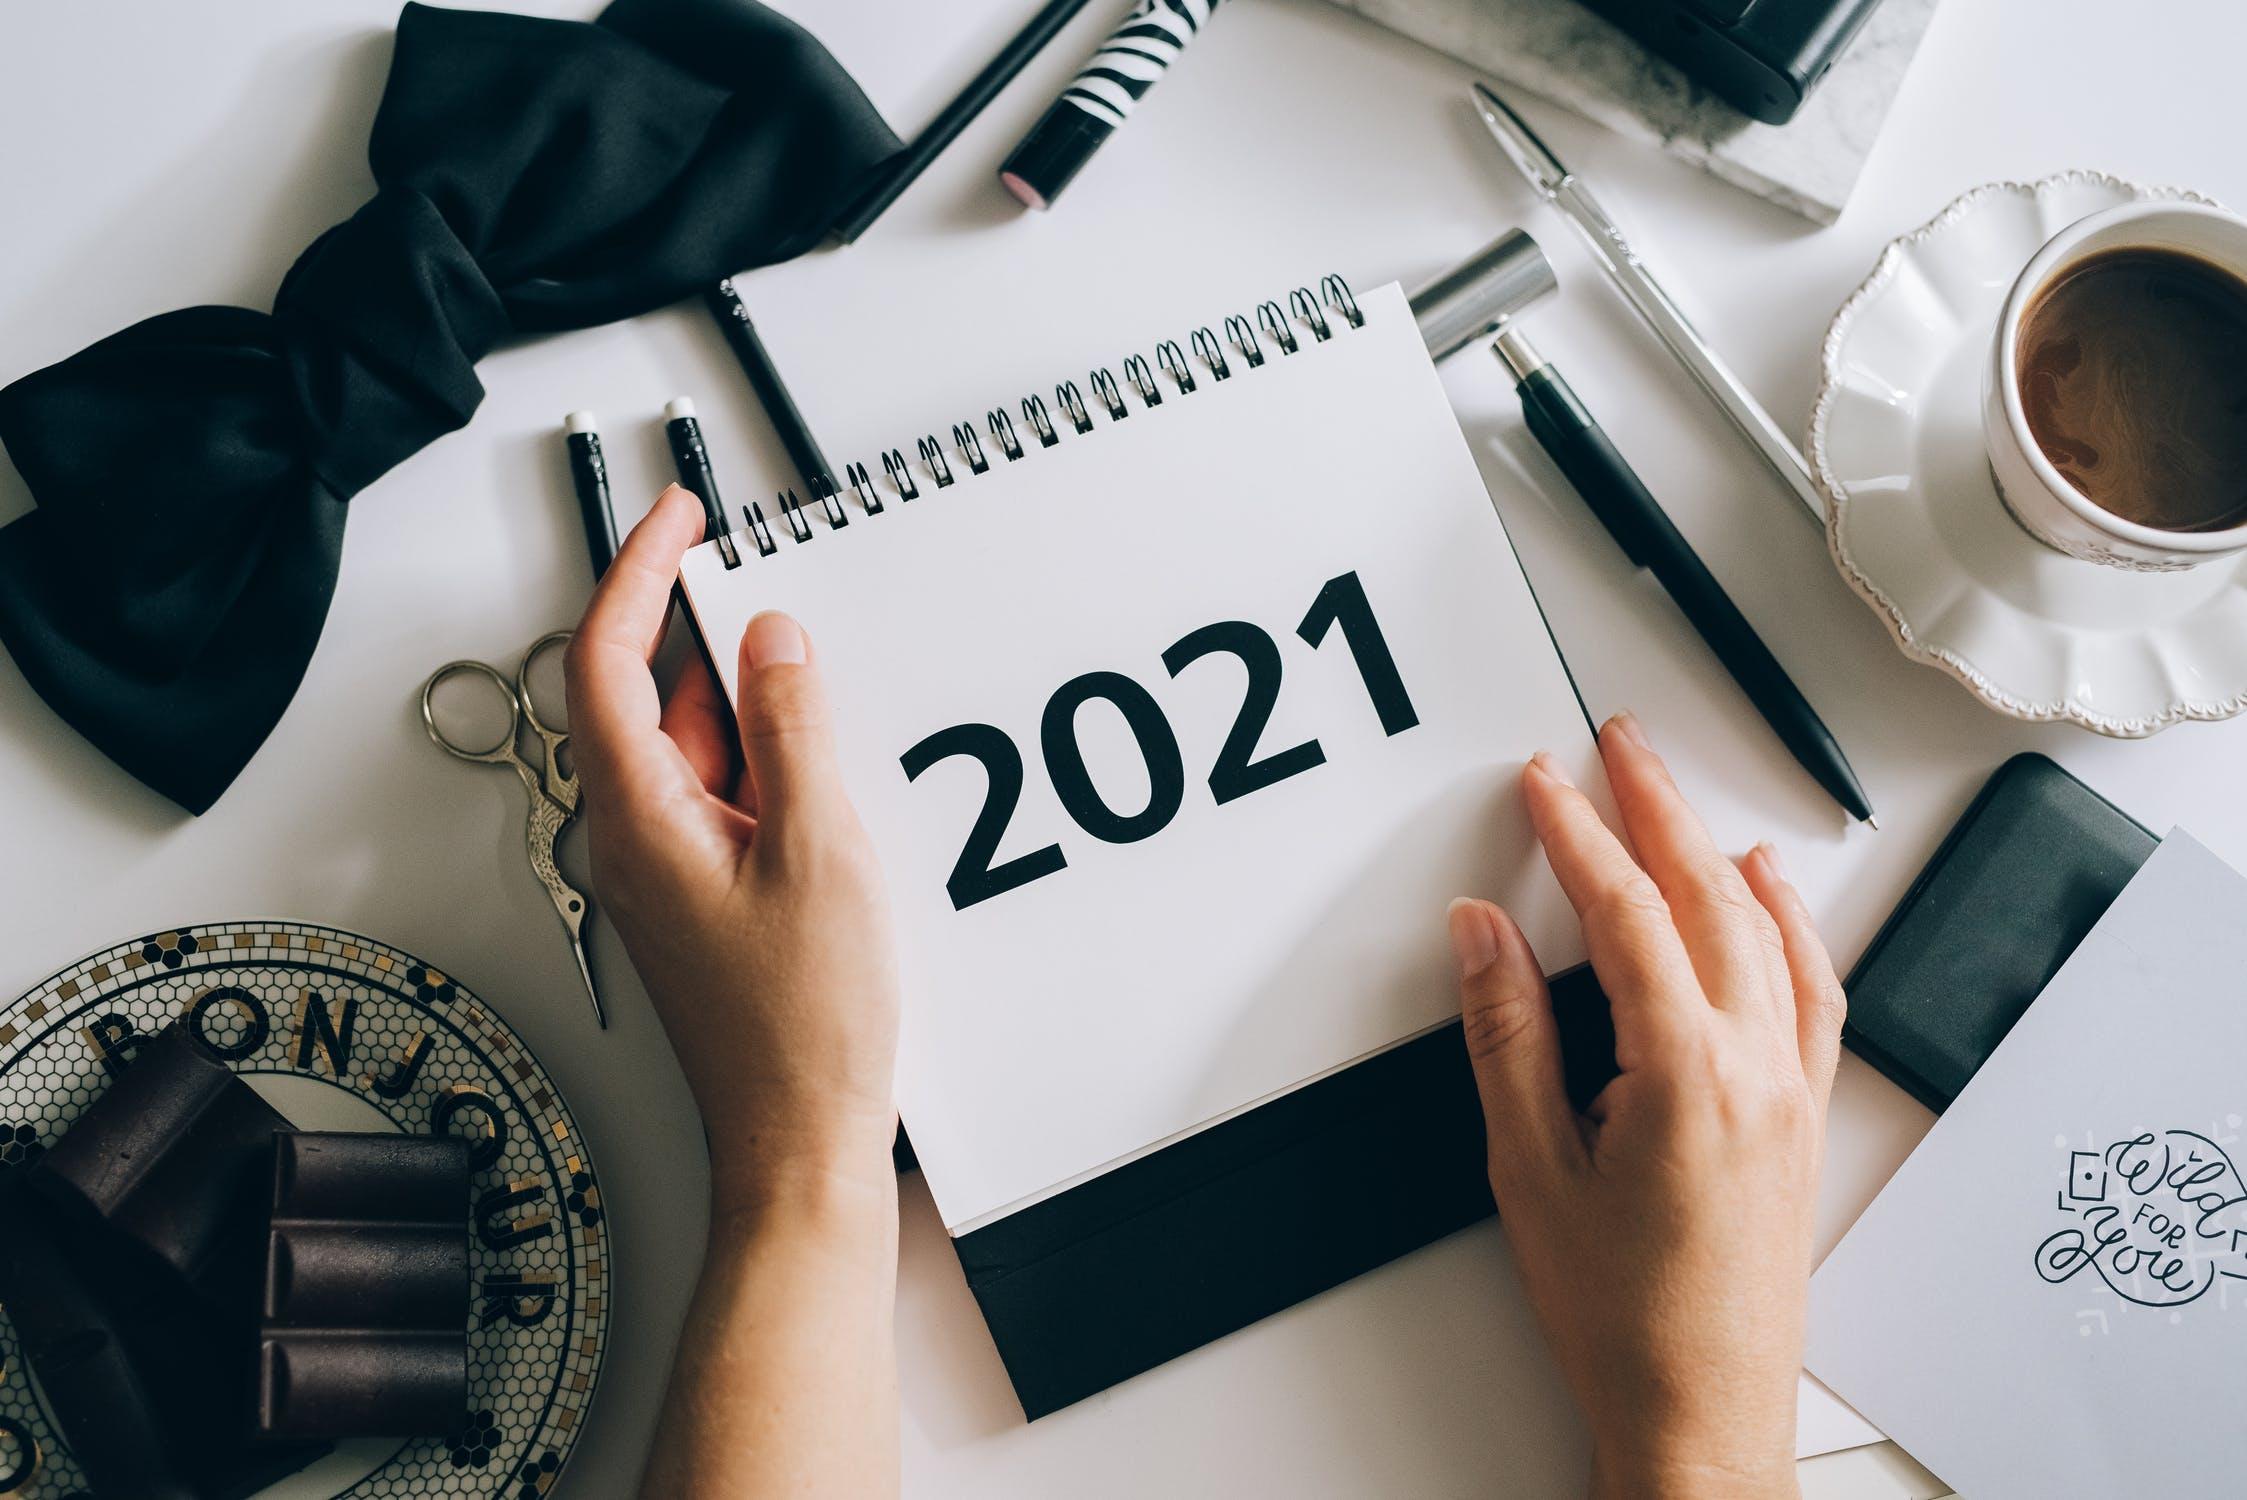 I nostri migliori auguri per il 2021!